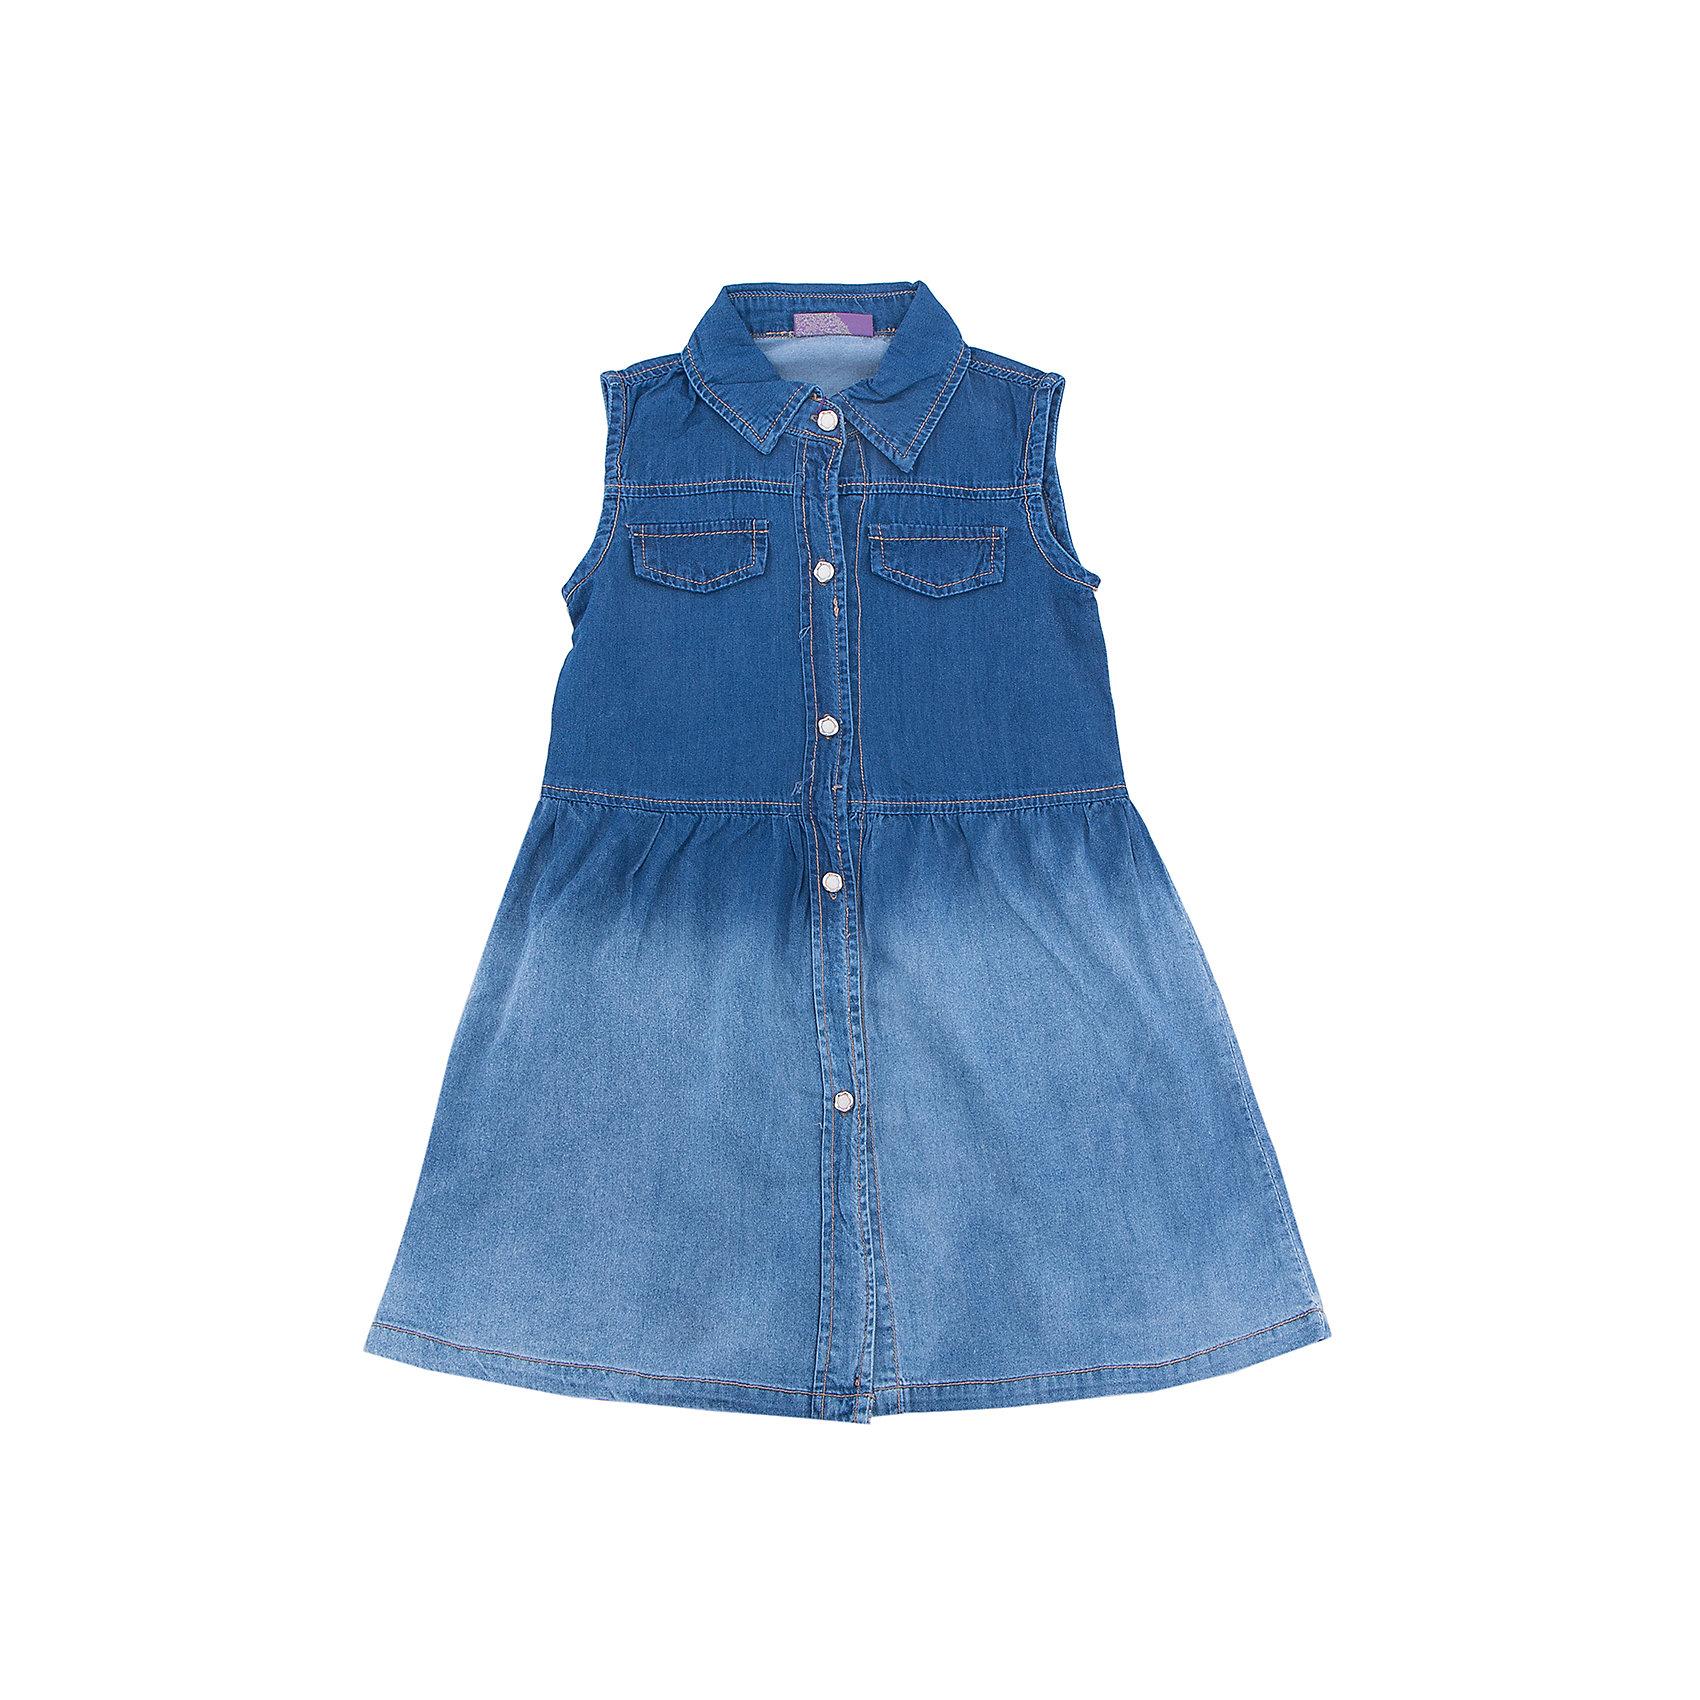 Платье джинсовое для девочки Sweet BerryДжинсовая одежда<br>Платье из тонкого хлопка под джинсу для девочки с отложным воротничком. Застегивается на оригинальные пуговки.<br>Состав:<br>98%хлопок 2%эластан<br><br>Ширина мм: 236<br>Глубина мм: 16<br>Высота мм: 184<br>Вес г: 177<br>Цвет: синий<br>Возраст от месяцев: 36<br>Возраст до месяцев: 48<br>Пол: Женский<br>Возраст: Детский<br>Размер: 104,98,110,116,122,128<br>SKU: 5412400